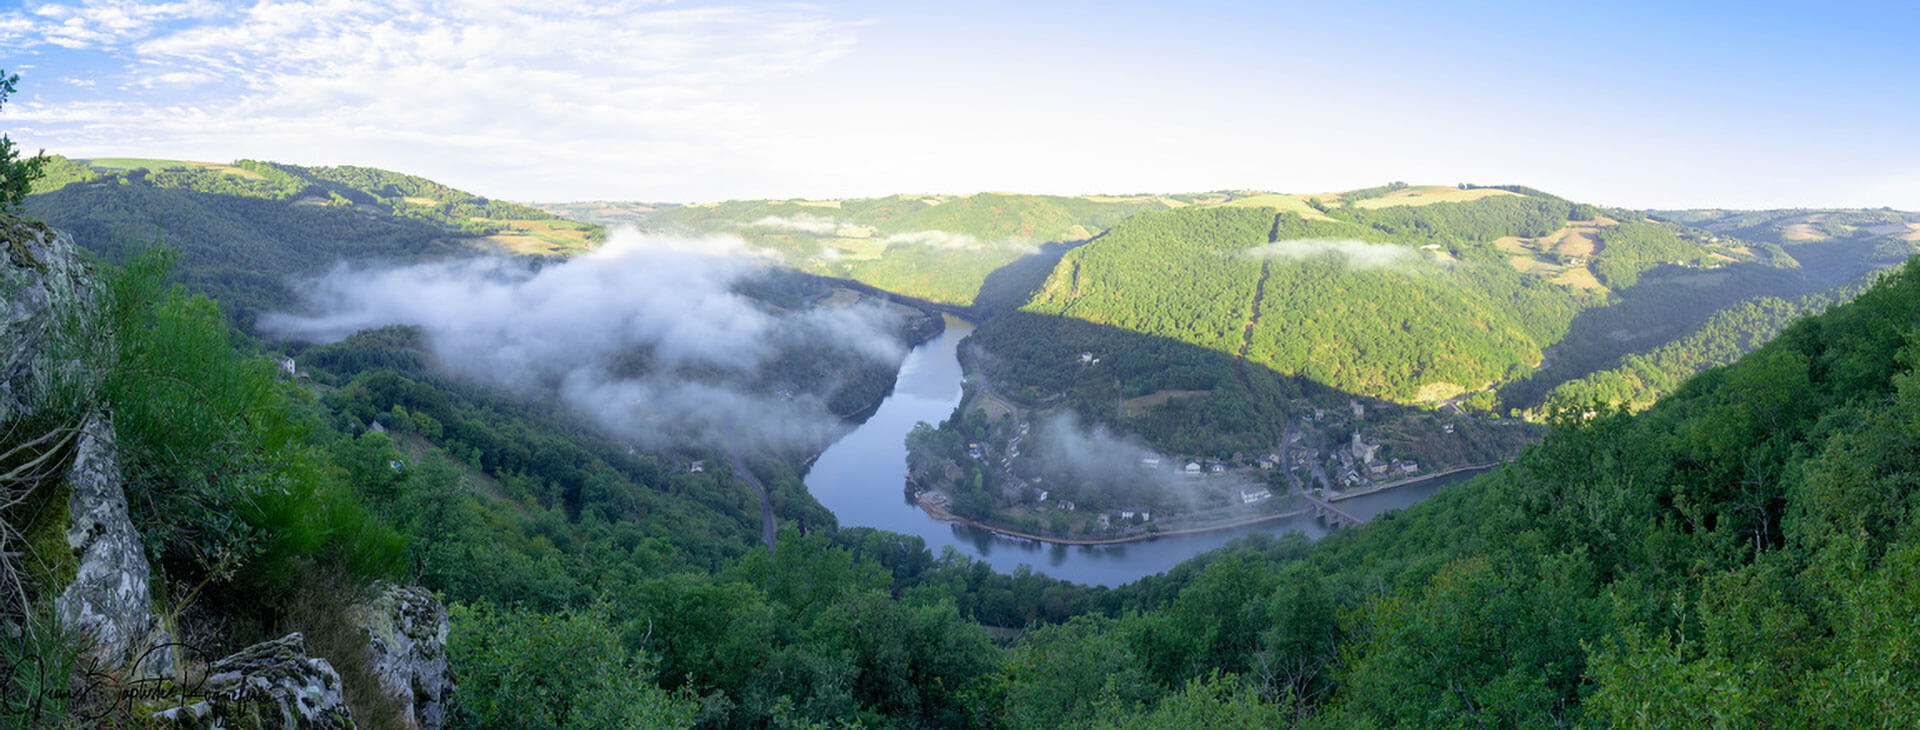 Activités et visite de l'arrière-pays du camping l'Ecrin vert labellisé pêche en Aveyron